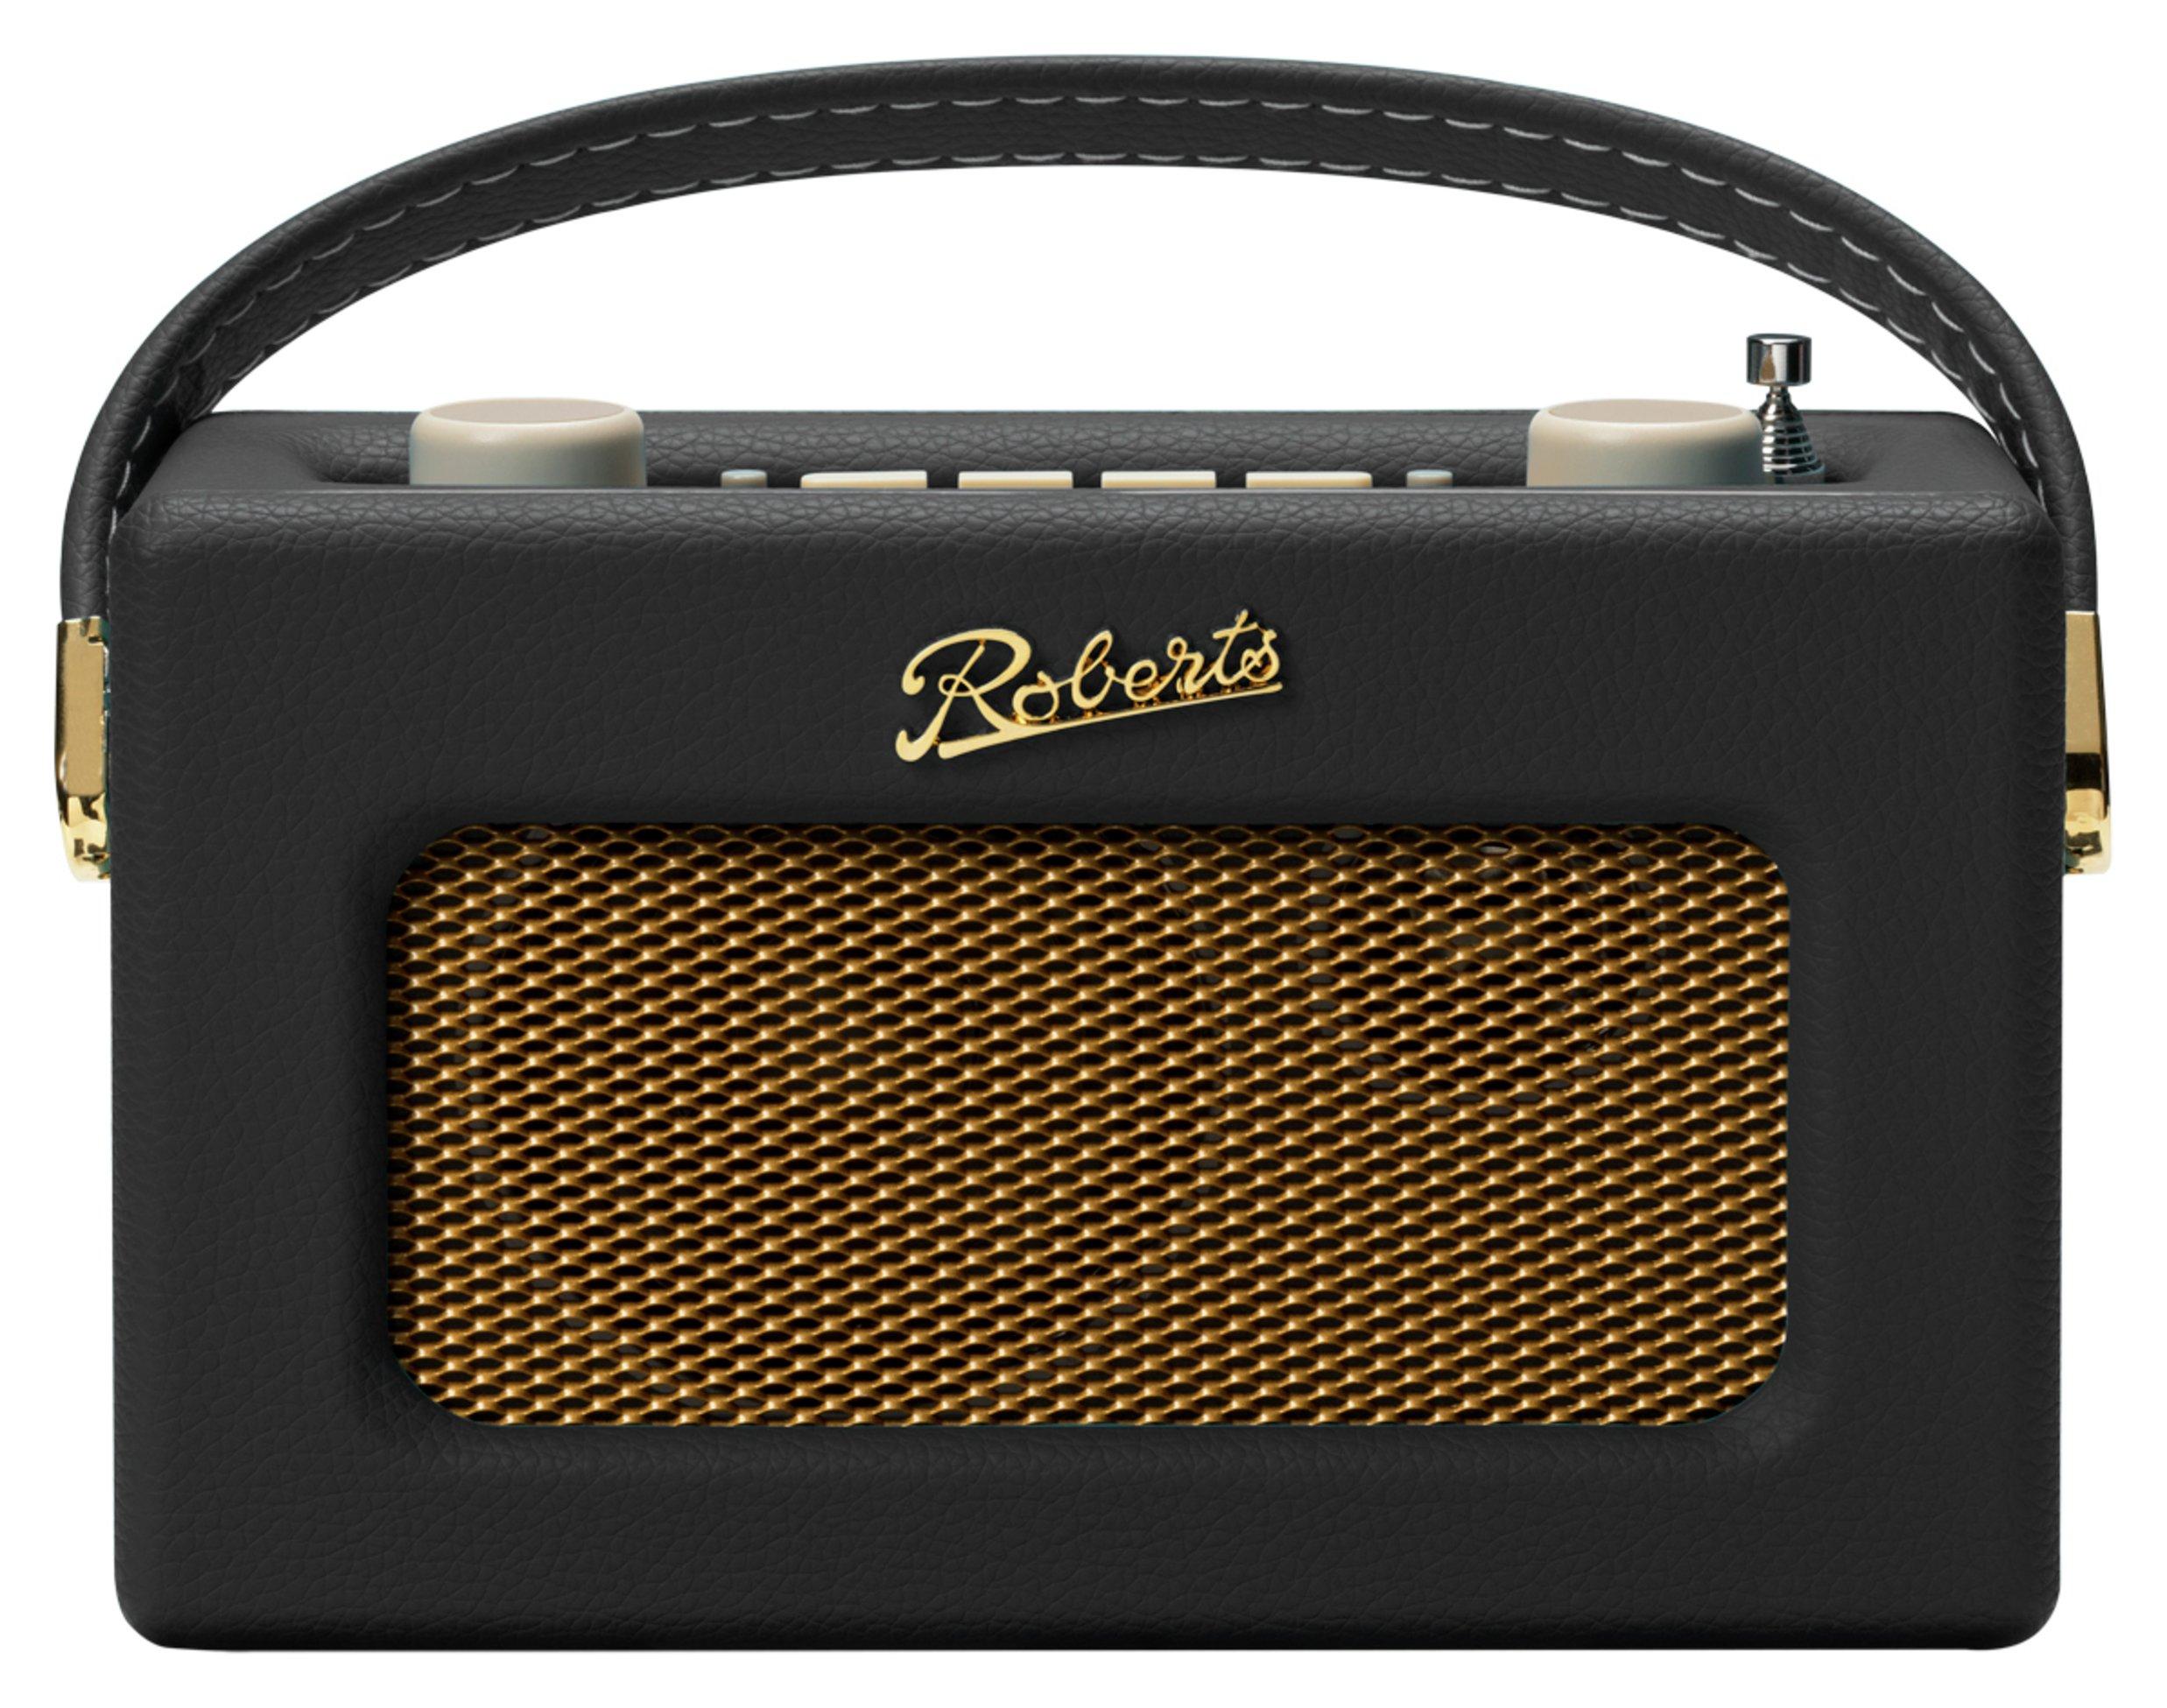 Roberts Revival Uno DAB / DAB+ / FM Radio - Black